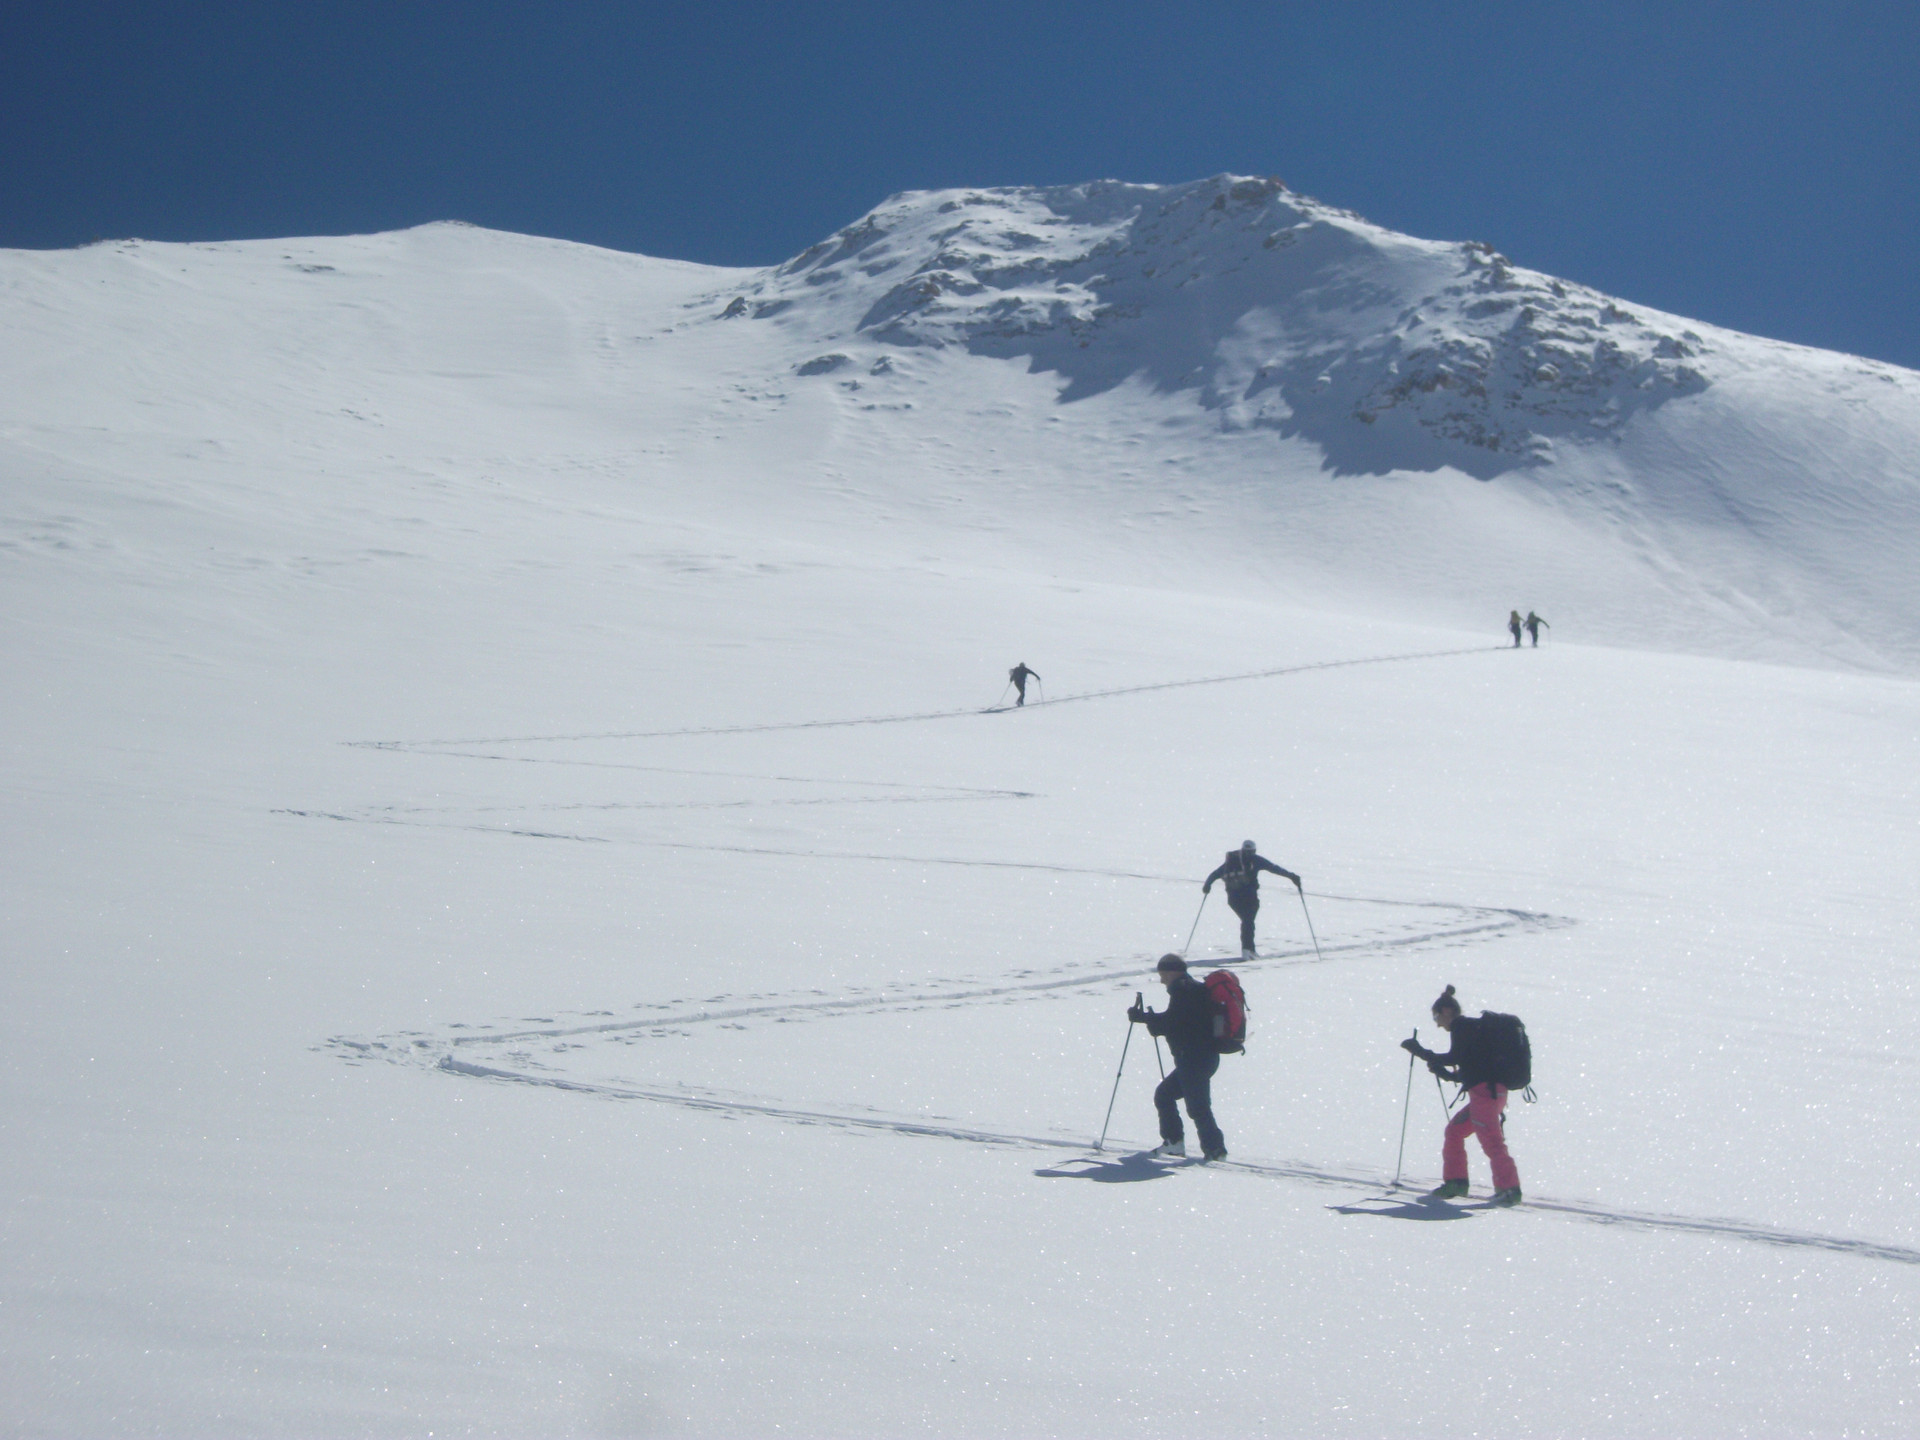 Ski touring Cappadocia Camp Caucasus (20